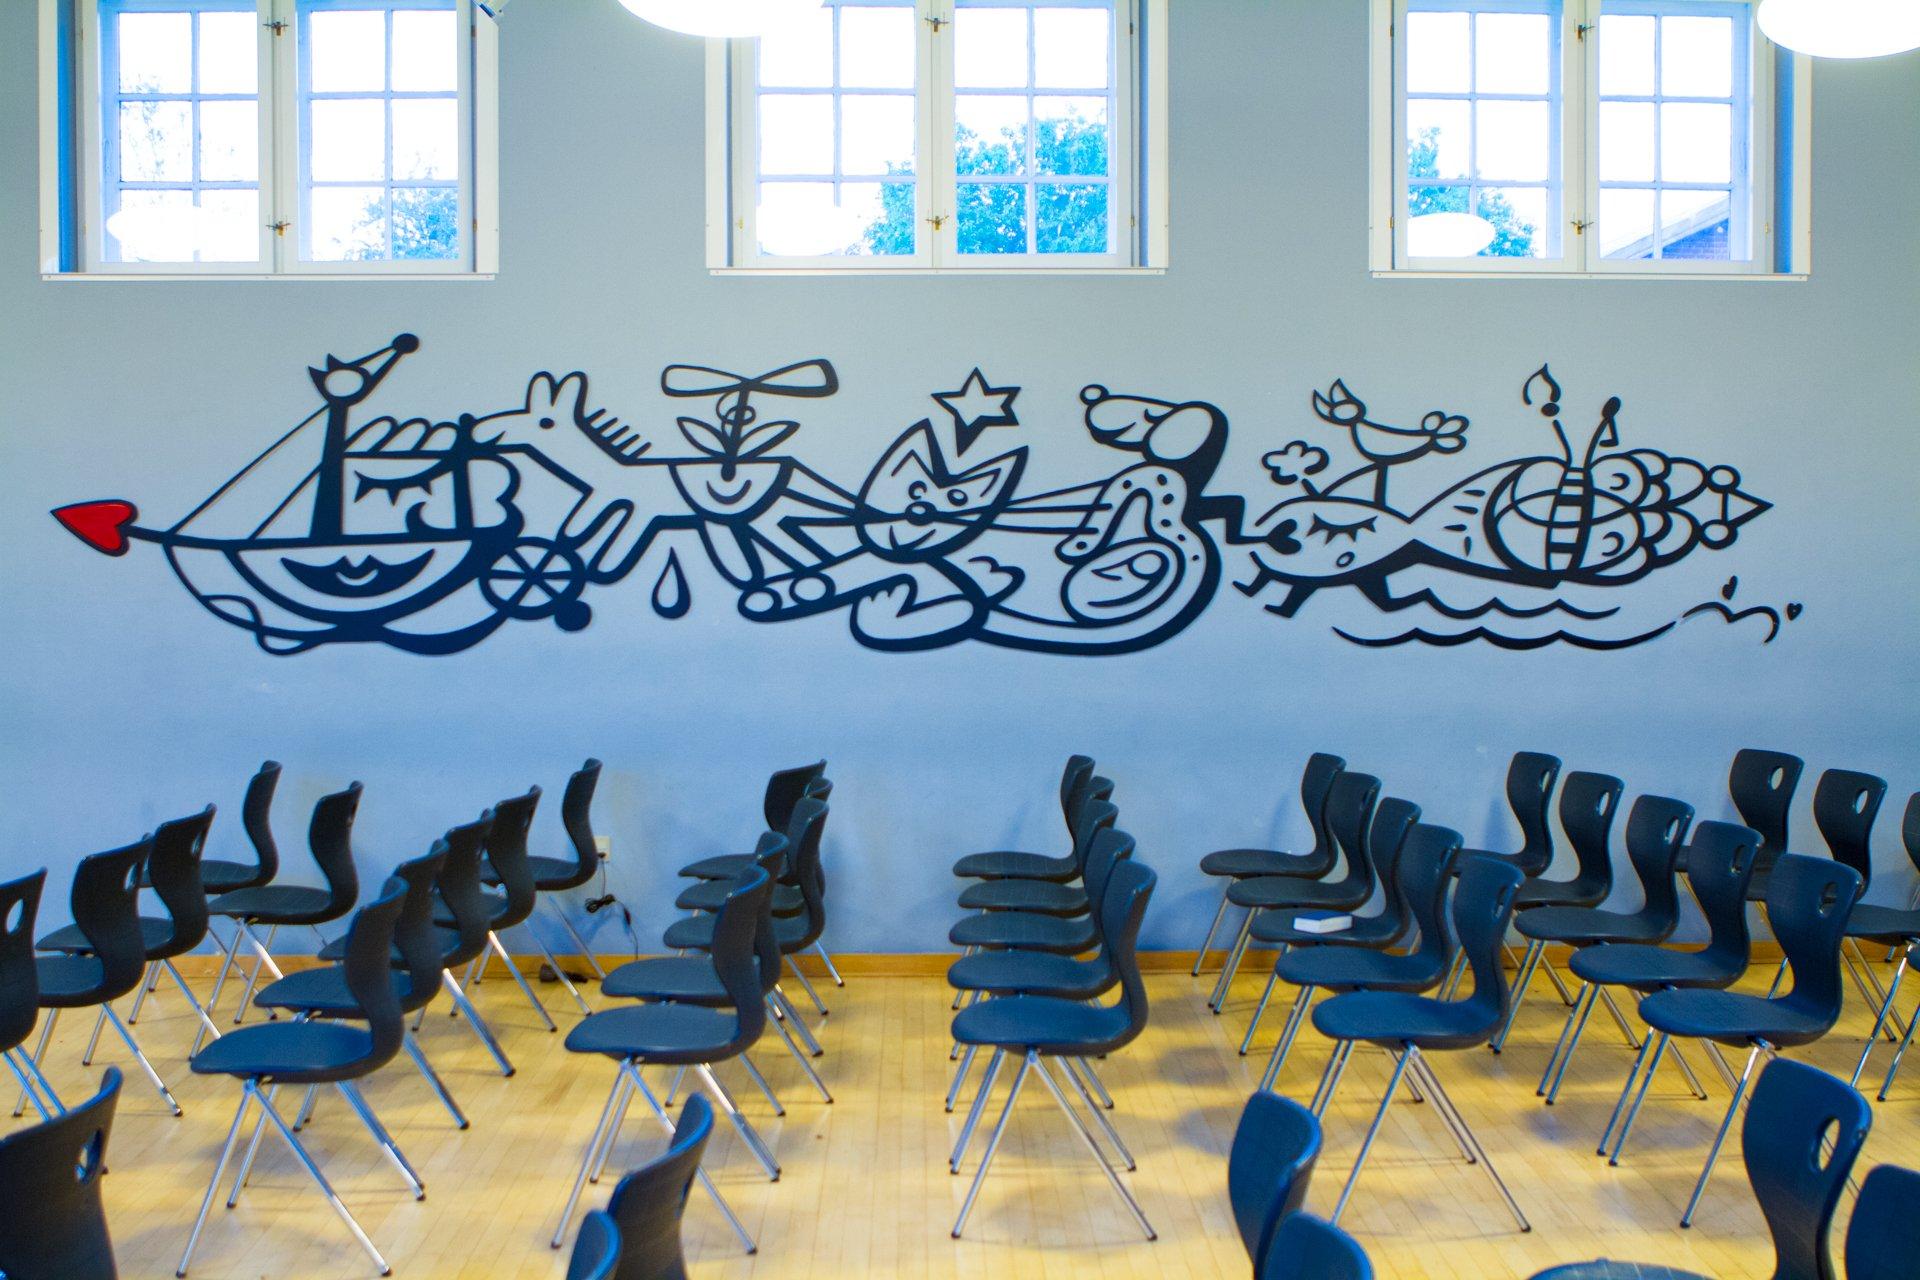 Billede af Jes Norbys kunstfrise i foredragssalen